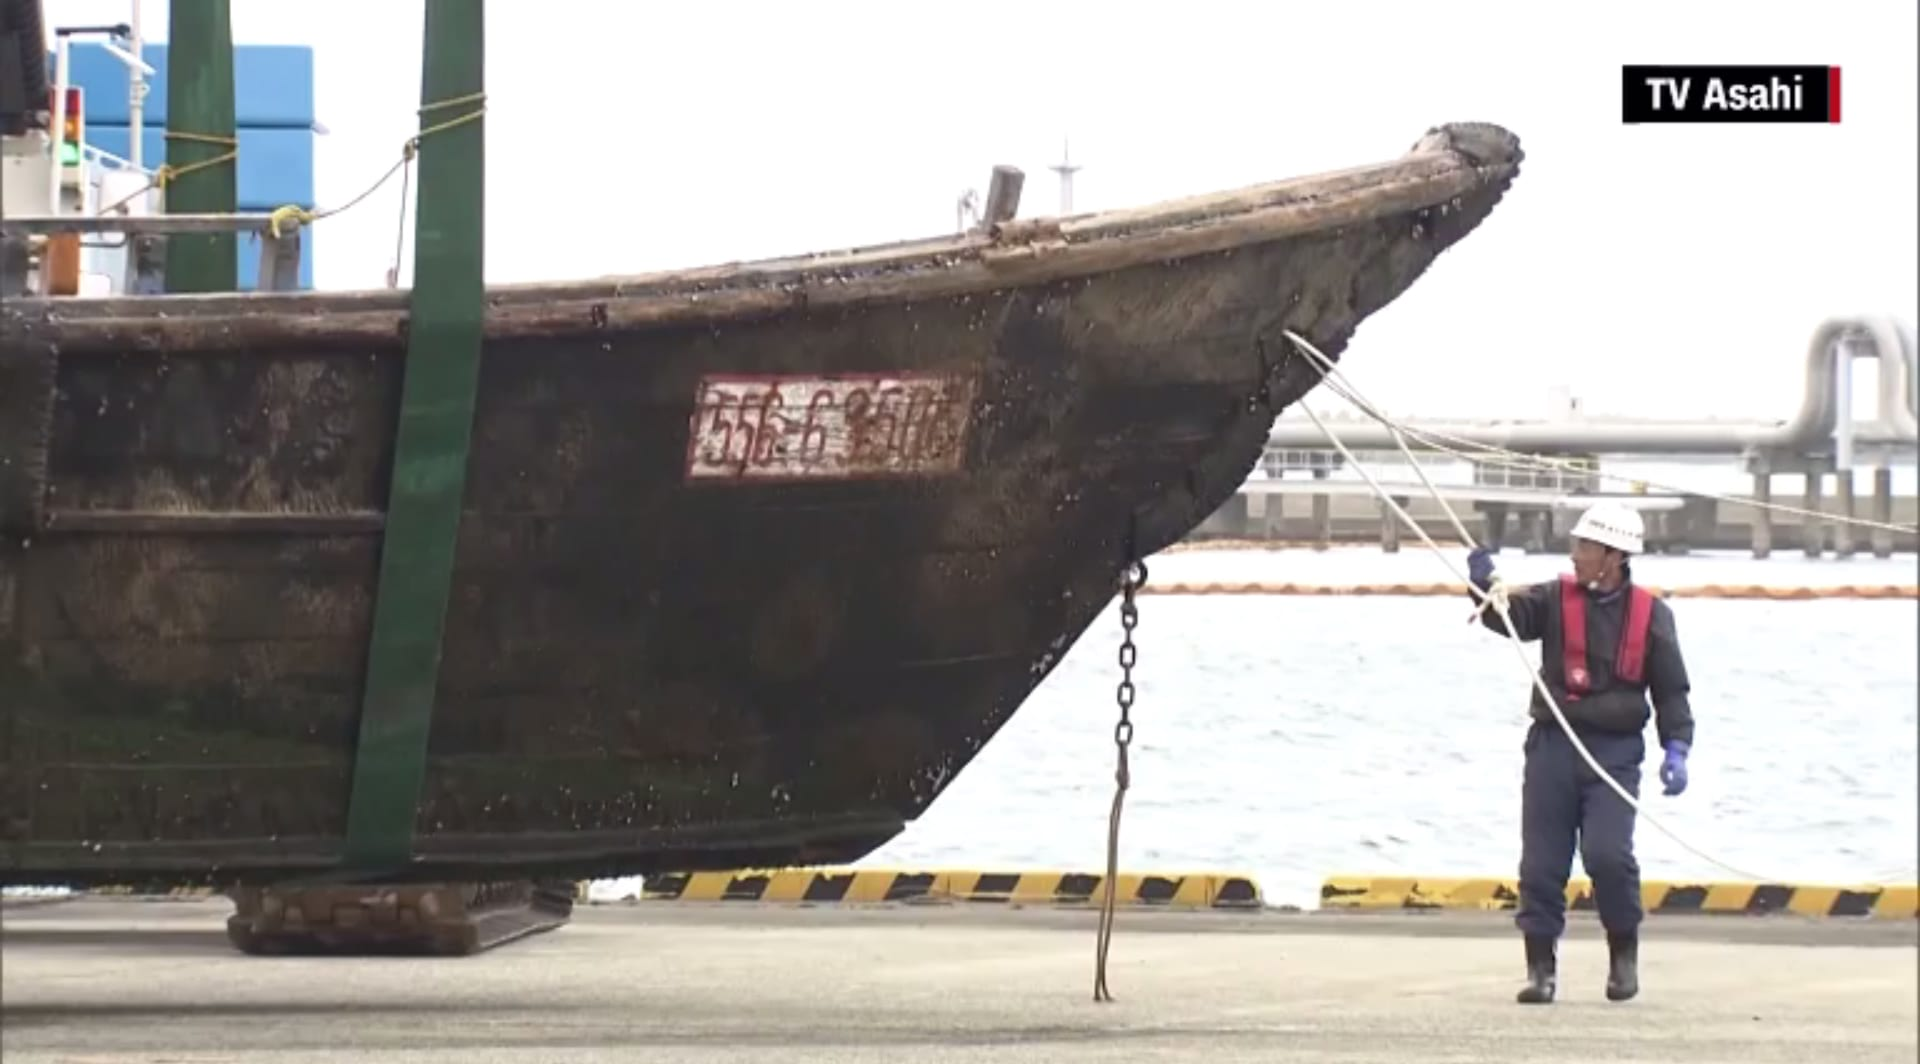 سفن مليئة بالجثث المتحللة تنجرف إلى شواطئ اليابان..ومسؤولون يرجحون ارتباطها بكوريا الشمالية